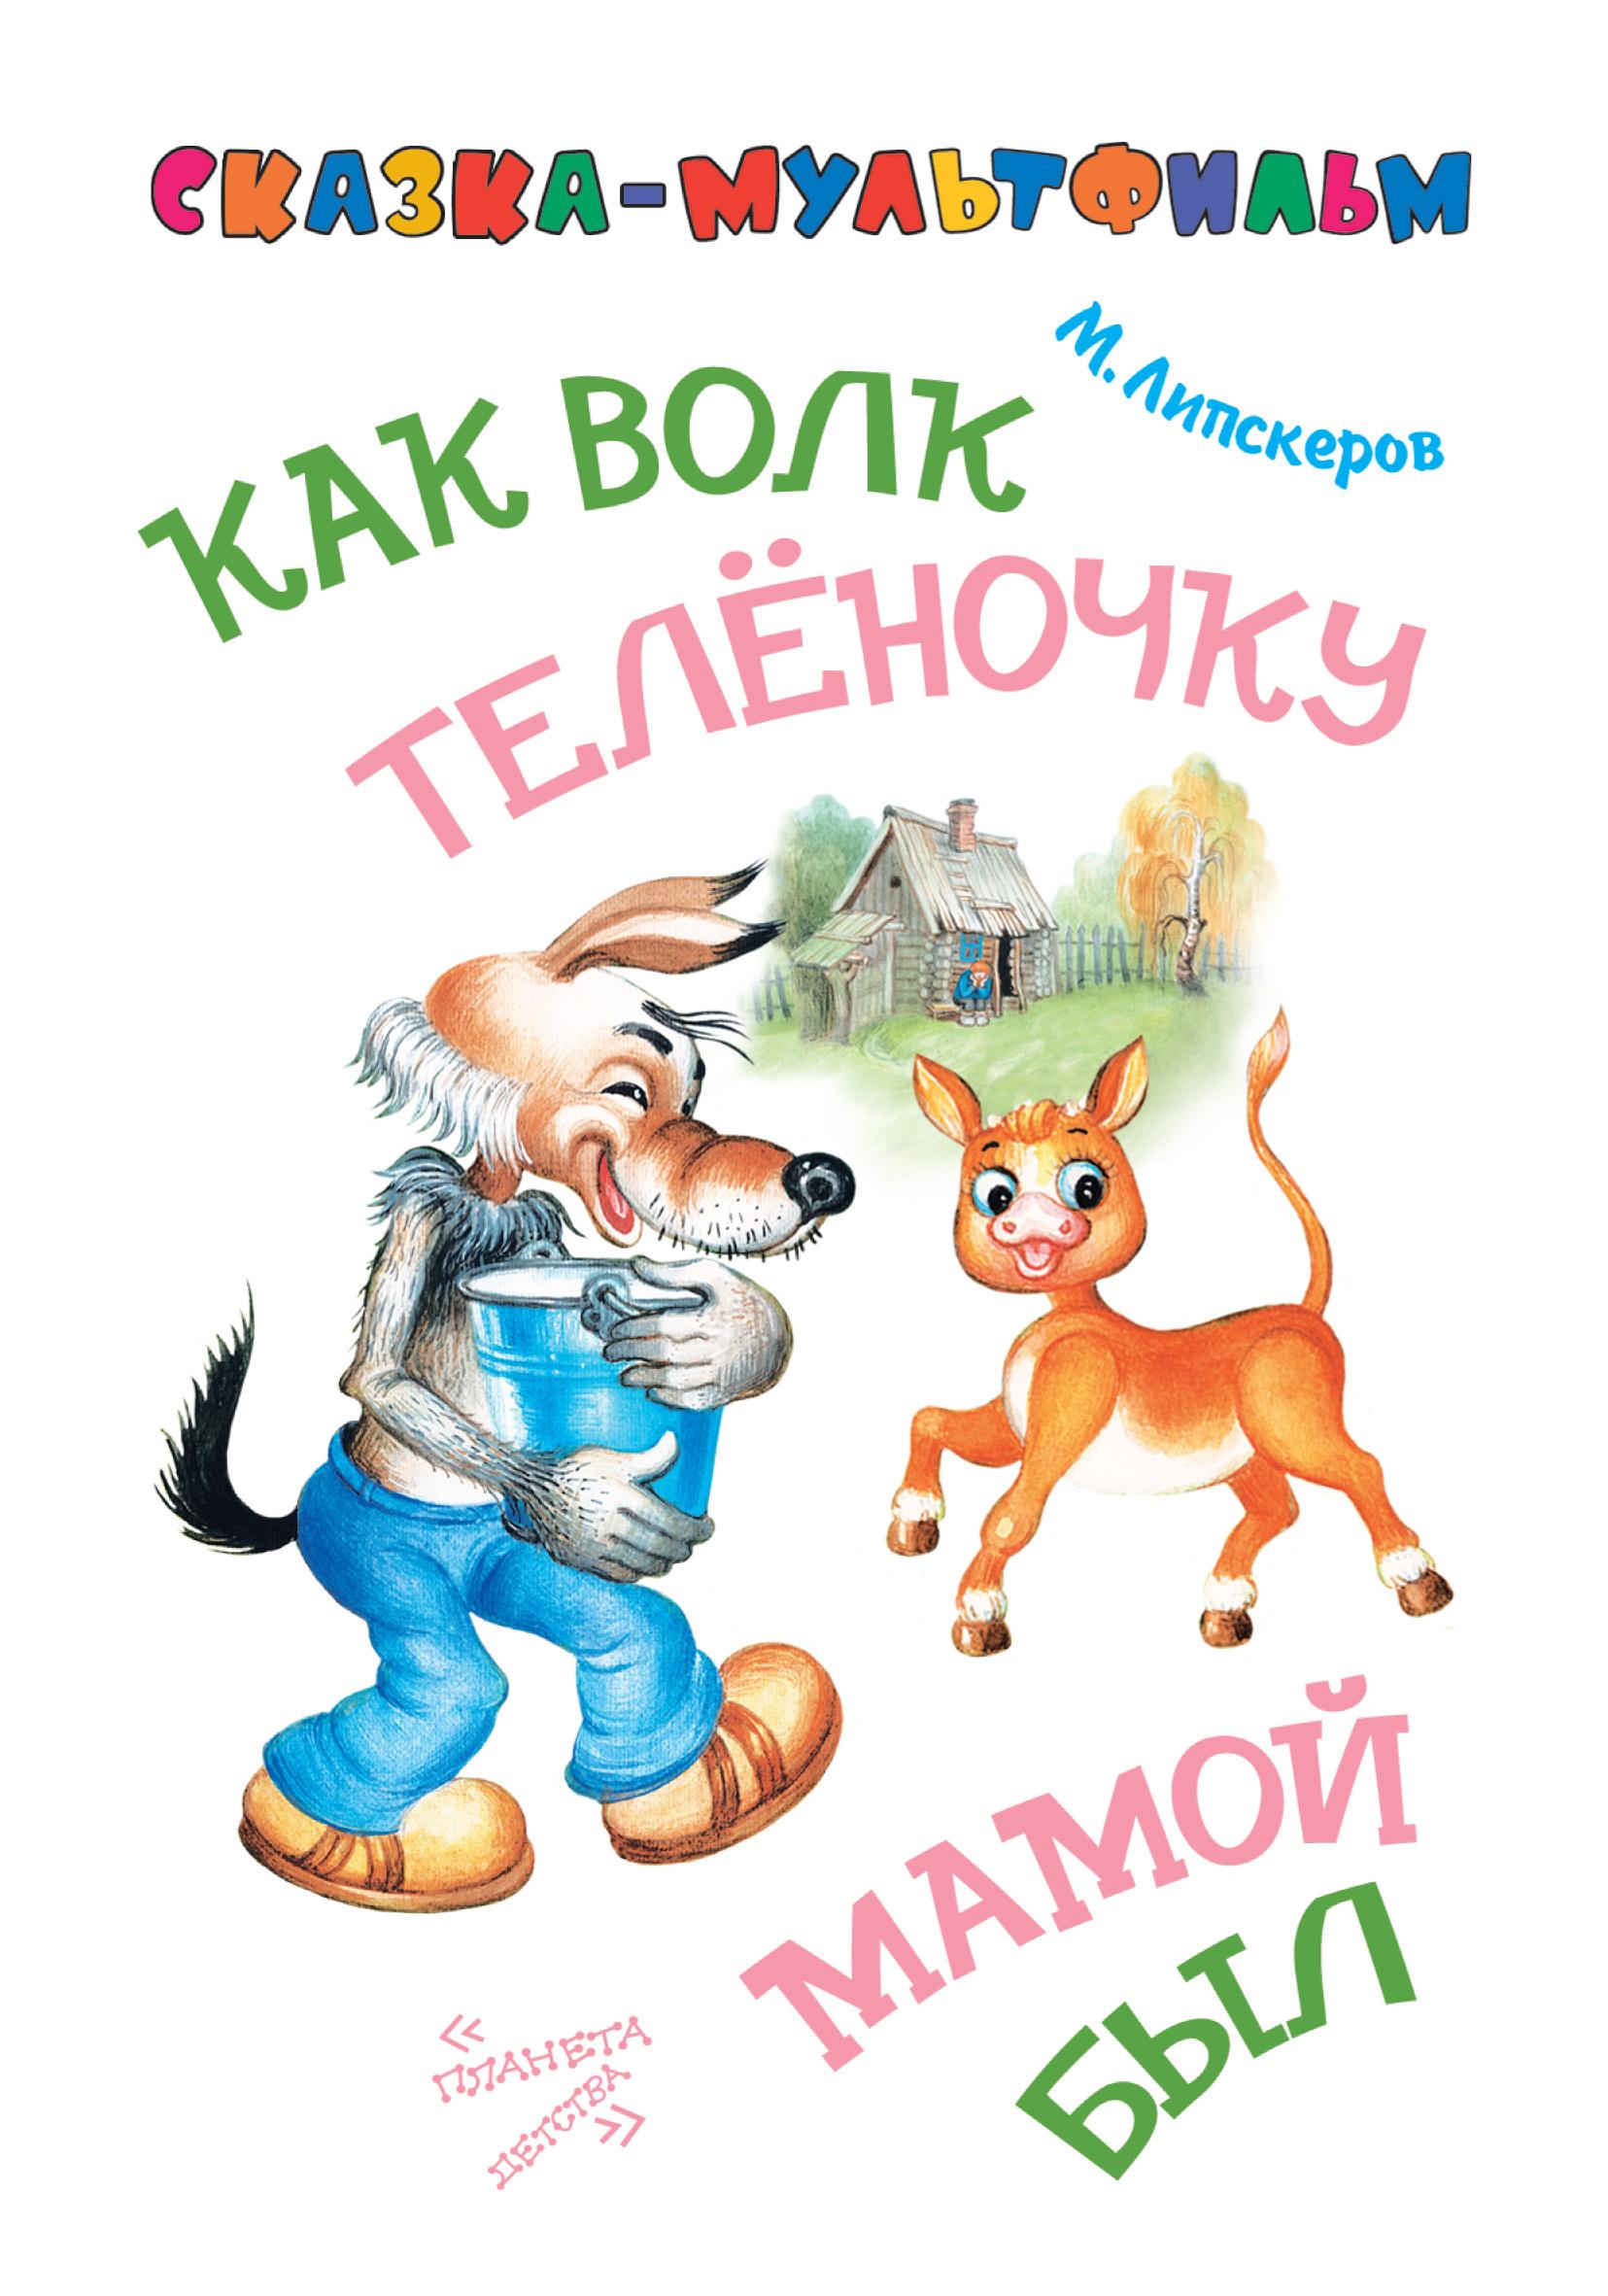 Михаил Липскеров Как волк теленочку мамой был (сказка-мультфильм) успенский э н как волк теленочку все таки мамой был